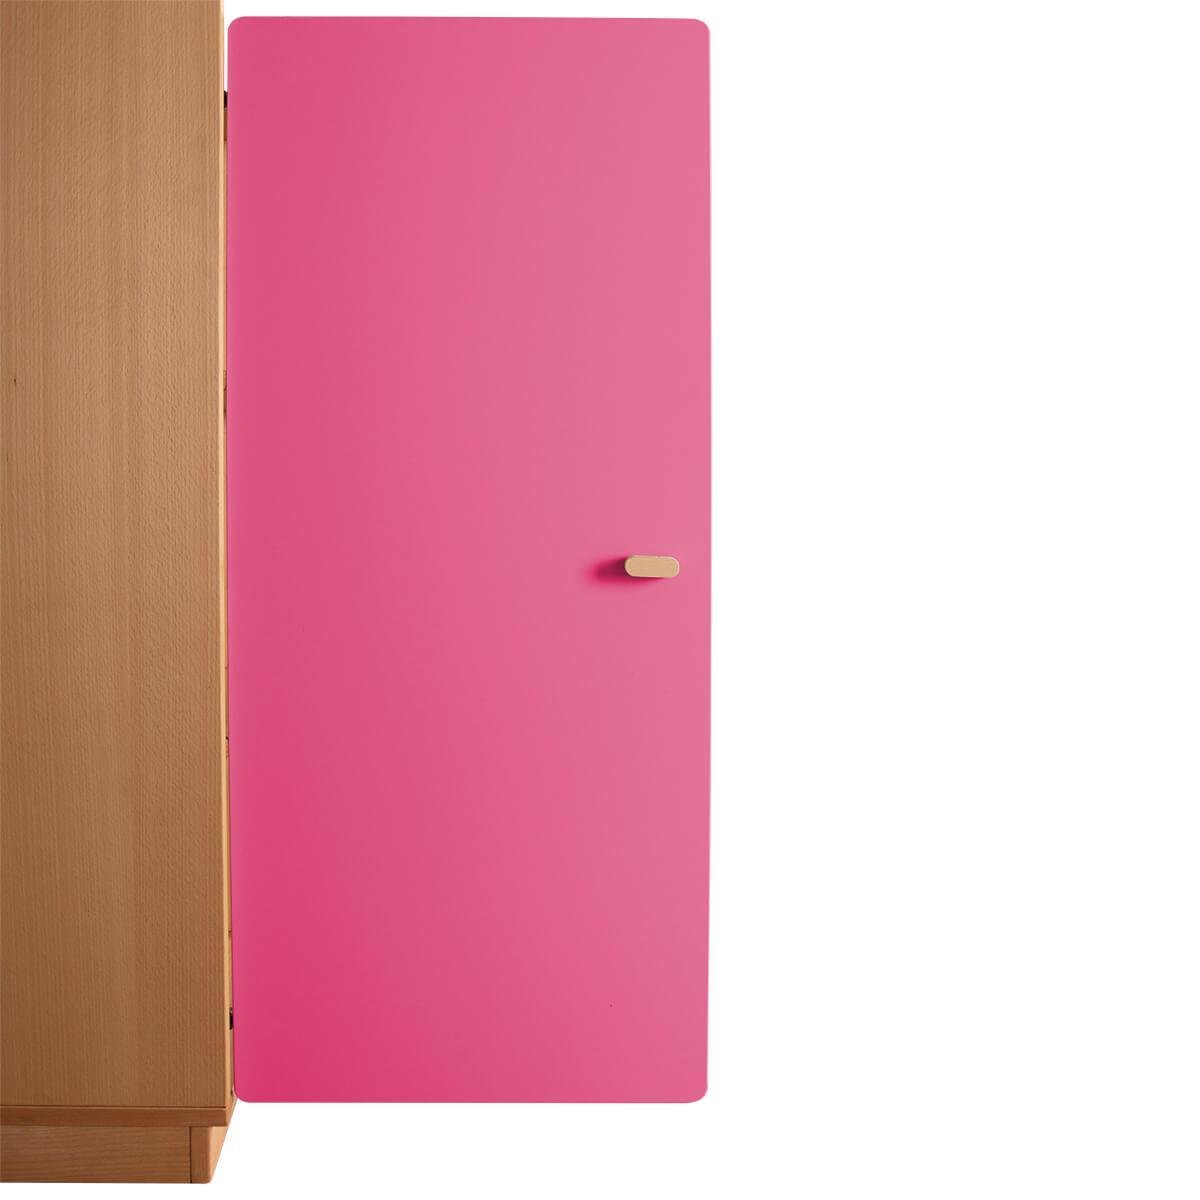 Schranktür 3/5 106cm-Griff DESTYLE de Breuyn MDF pink-lackiert